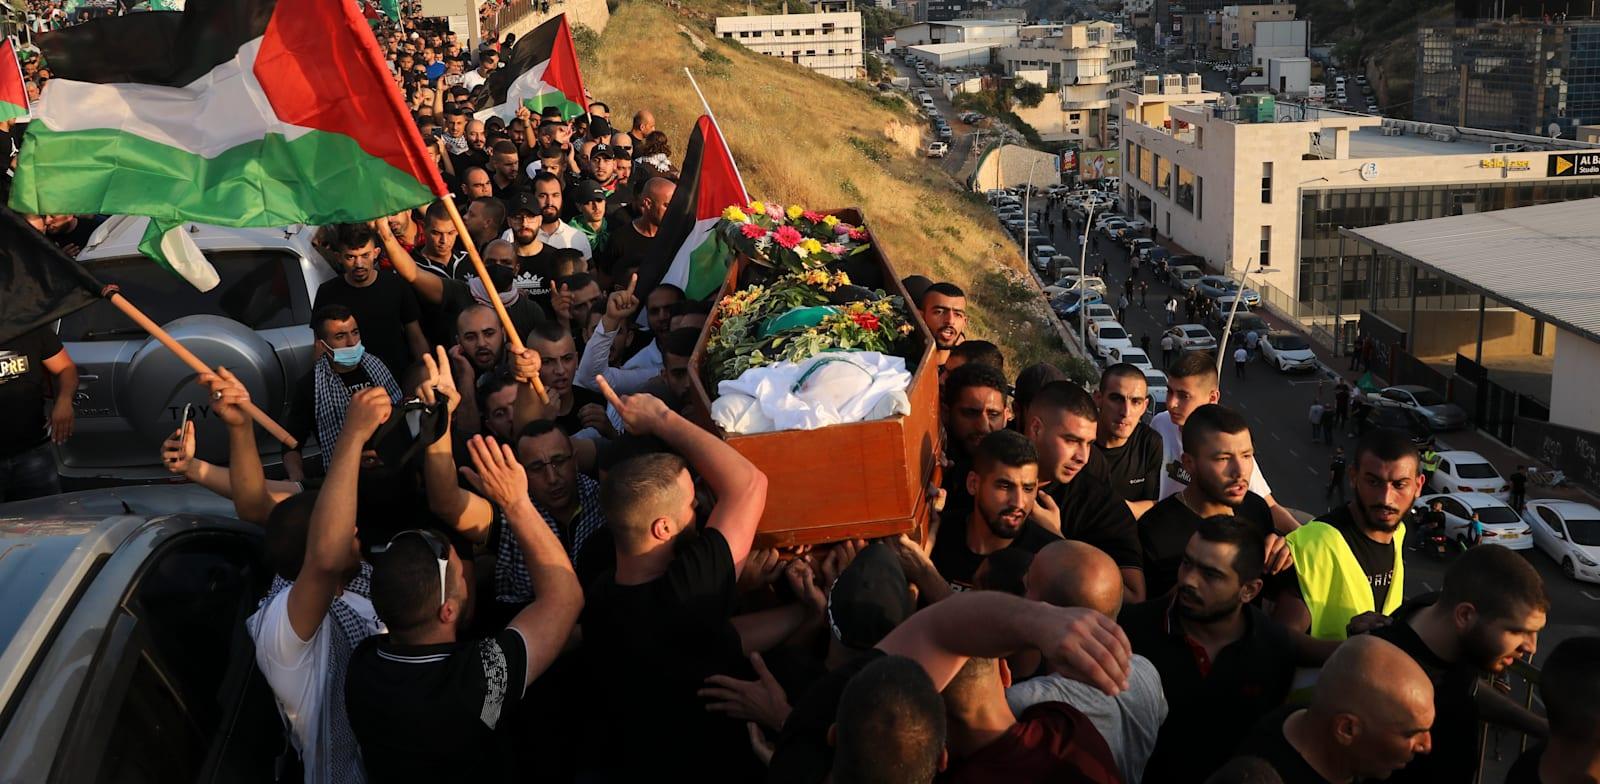 הלוויה באום אל פאחם של צעיר תושב העיר שנורה במהלך המהומות. שבוע שעבר / צילום: Associated Press, Mahmoud Illean